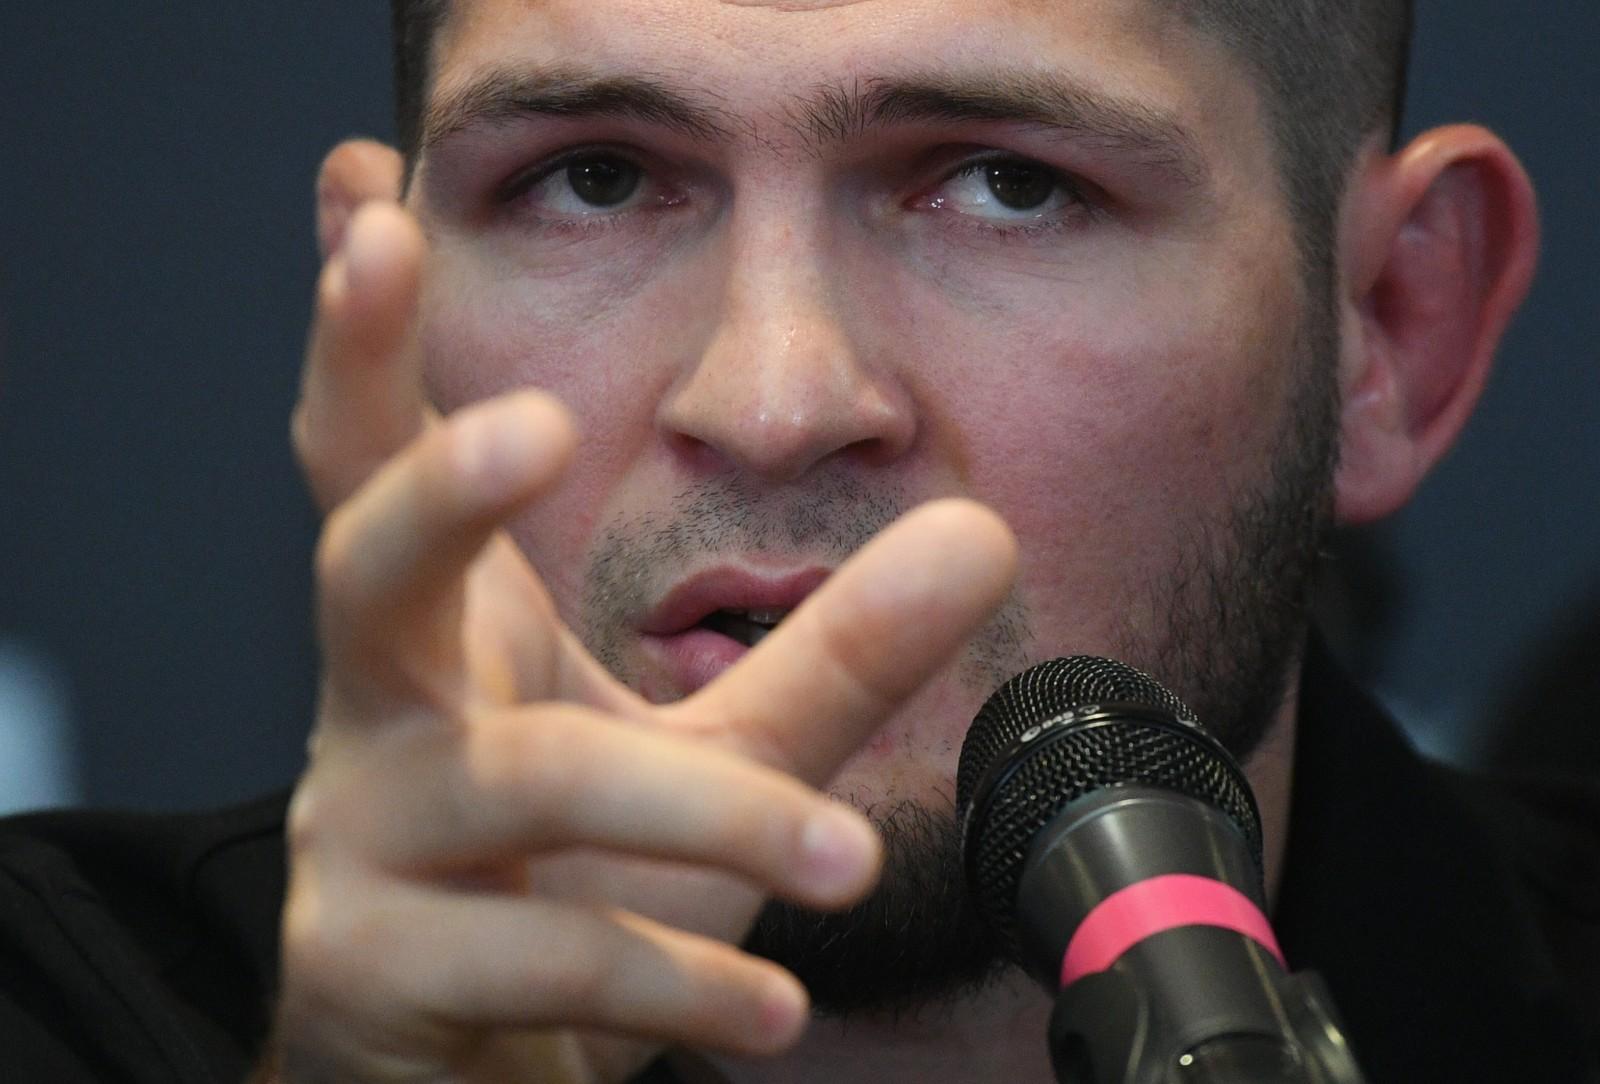 Бывший чемпион UFC в легком весе Хабиб Нурмагомедов. Рамиль Ситдиков / РИА Новости